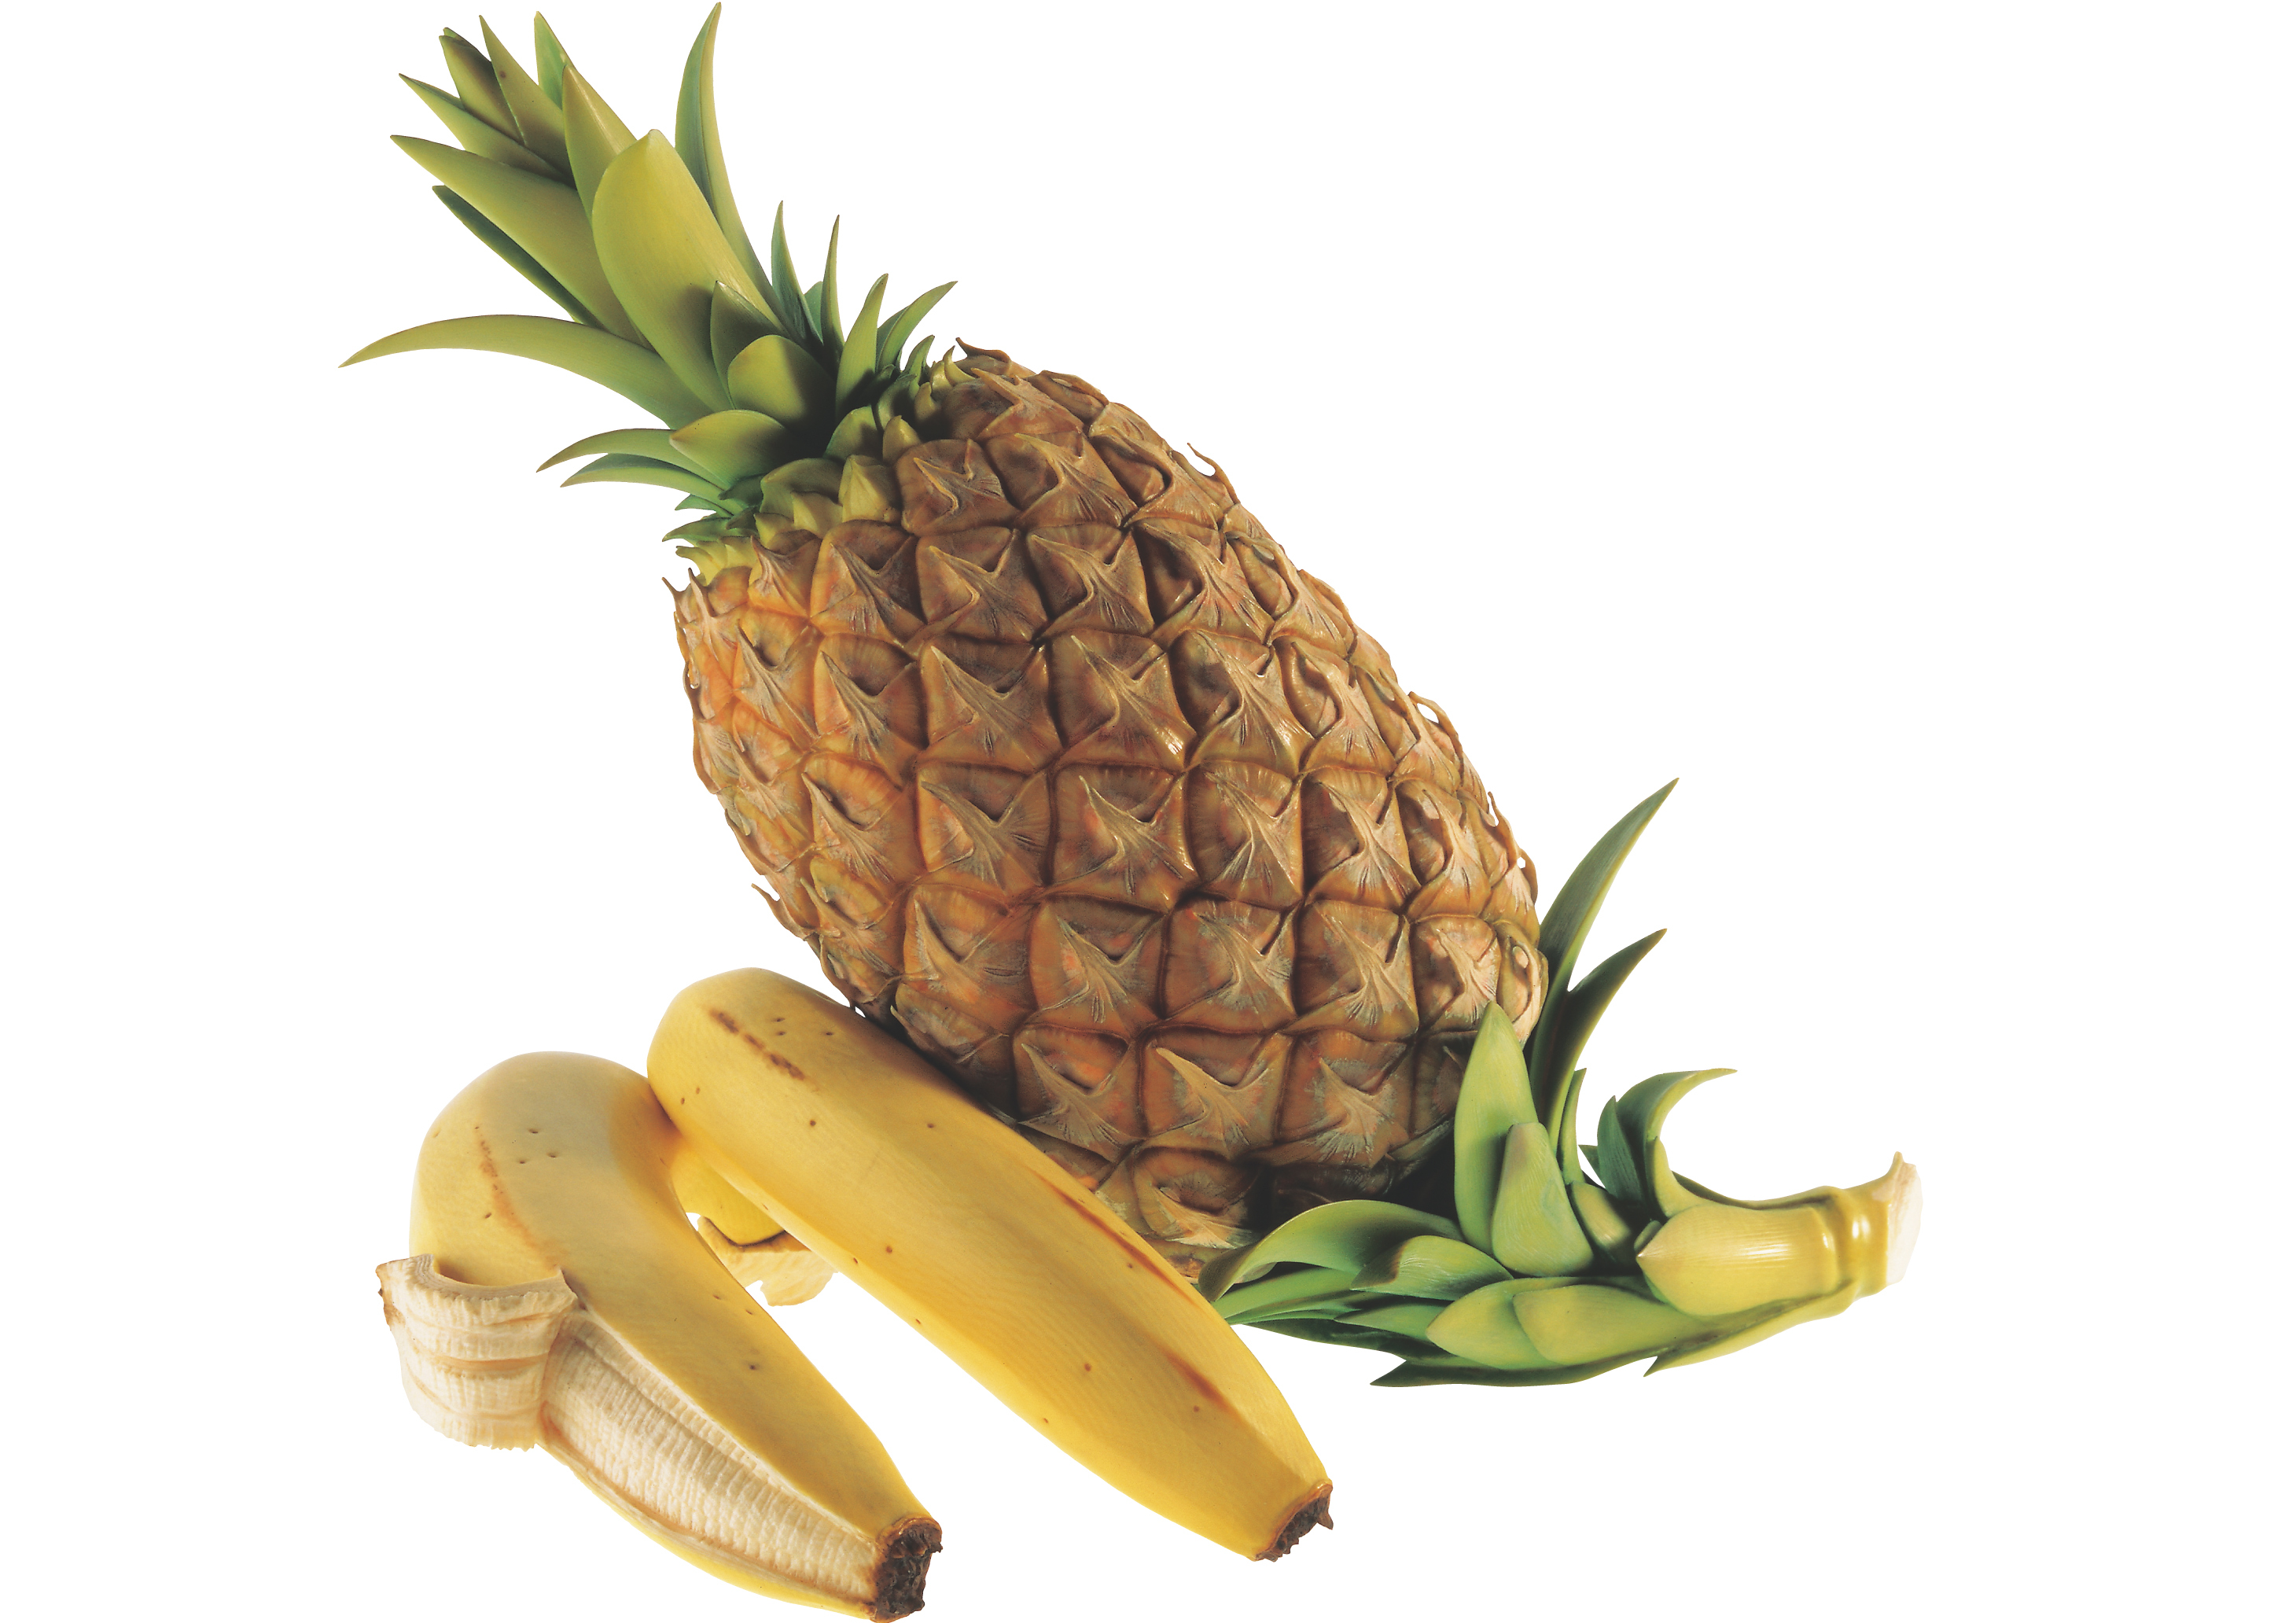 【牙彫】安藤緑山《パイナップル、バナナ》清水三年坂美術館蔵